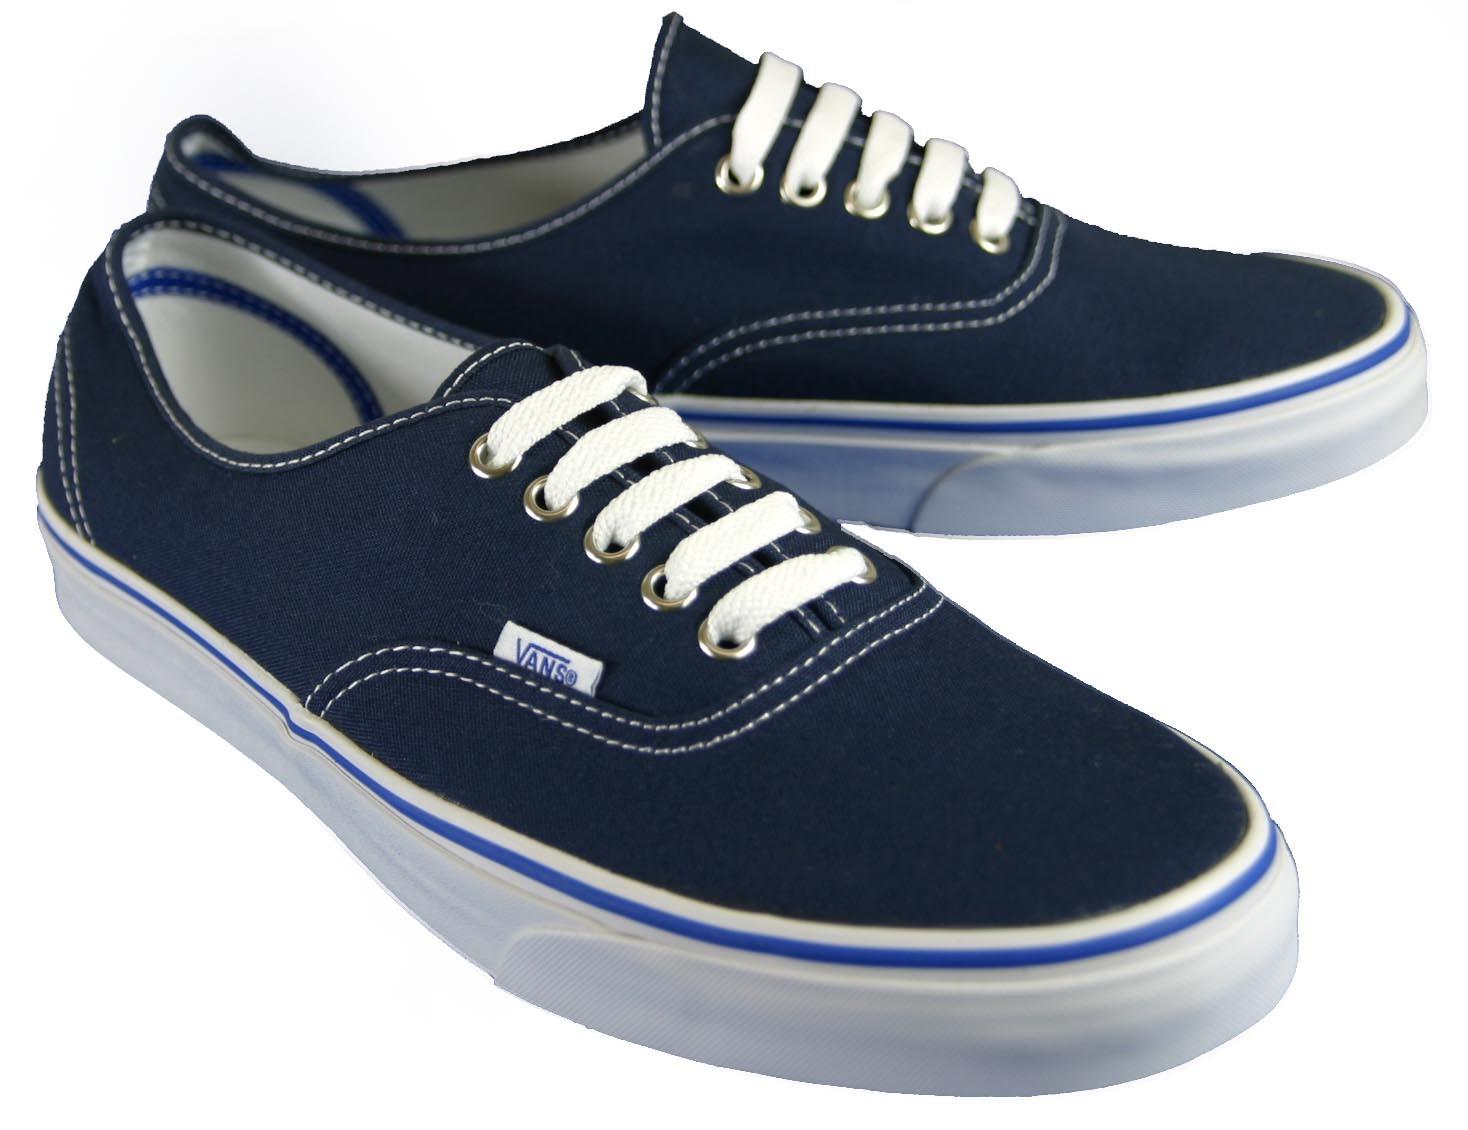 vans shoes blue. vans-authentic-shoes-trainers-black-blue-white-red- vans shoes blue h